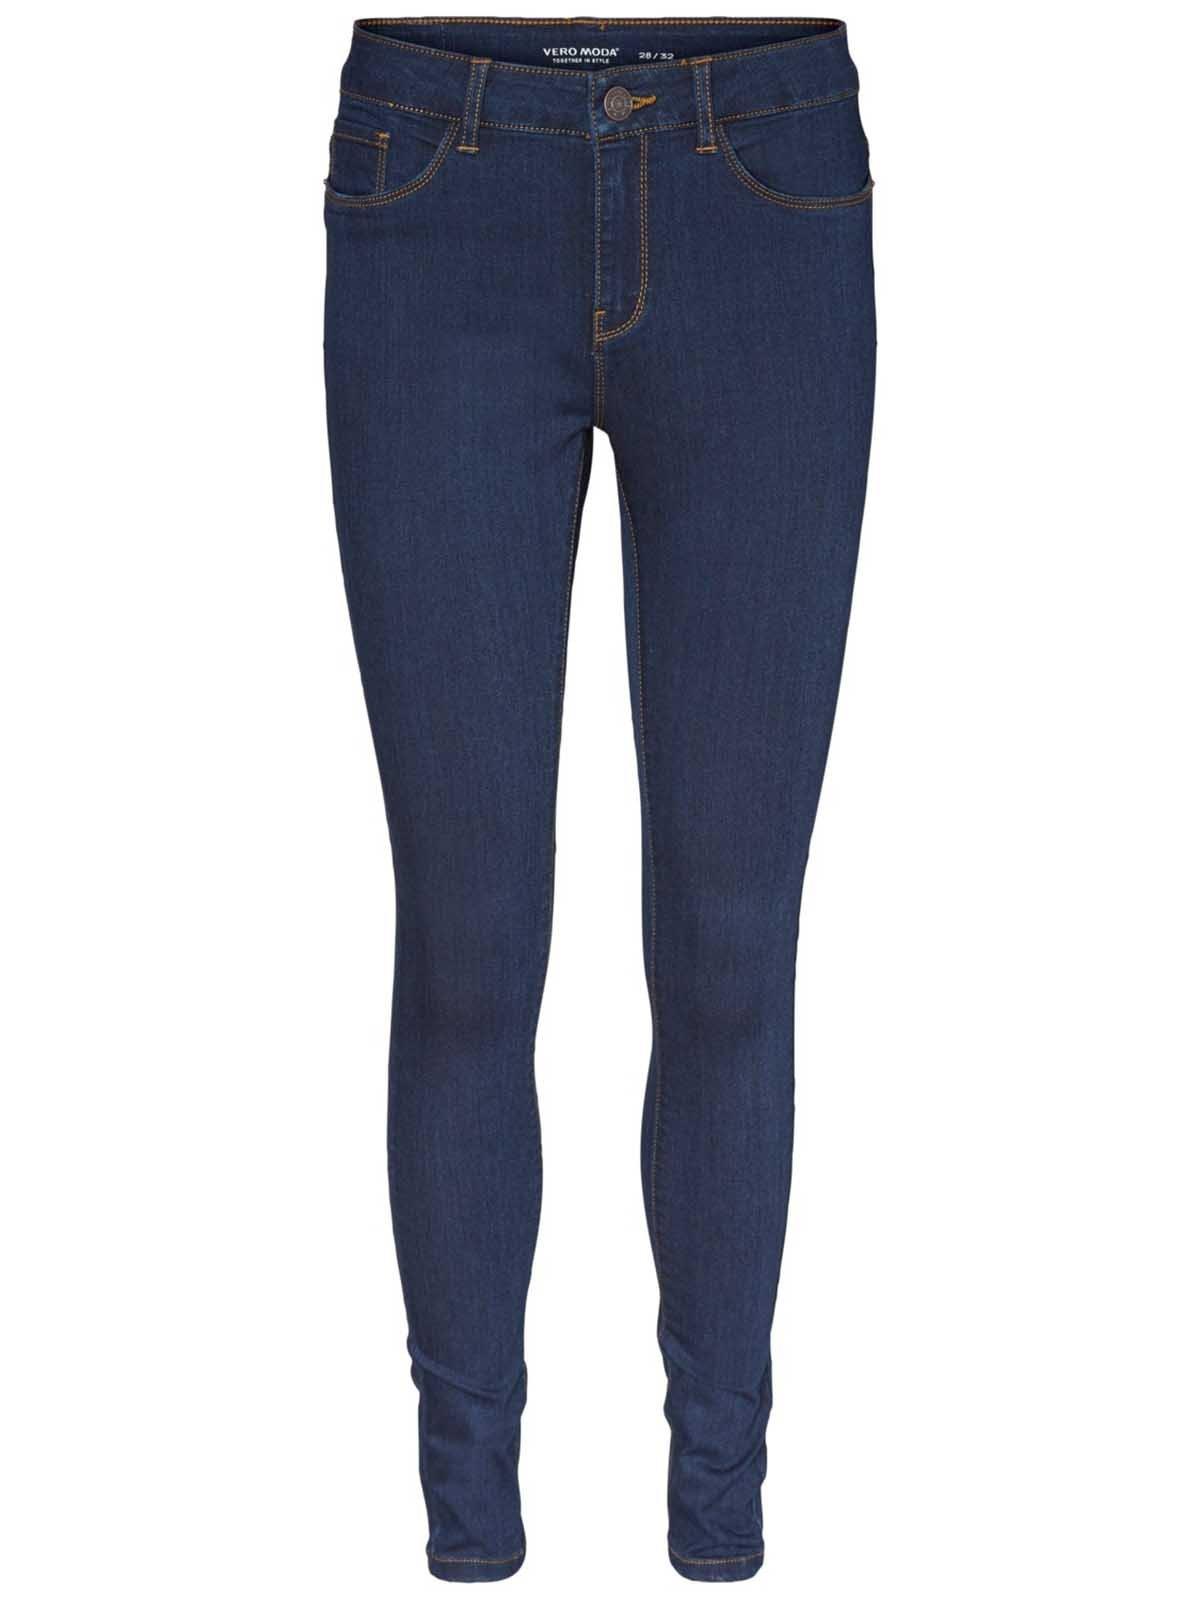 b1ae4bf328 Vero Moda Women s Slim Jeans – VERO MODA – THE STYLE ICON